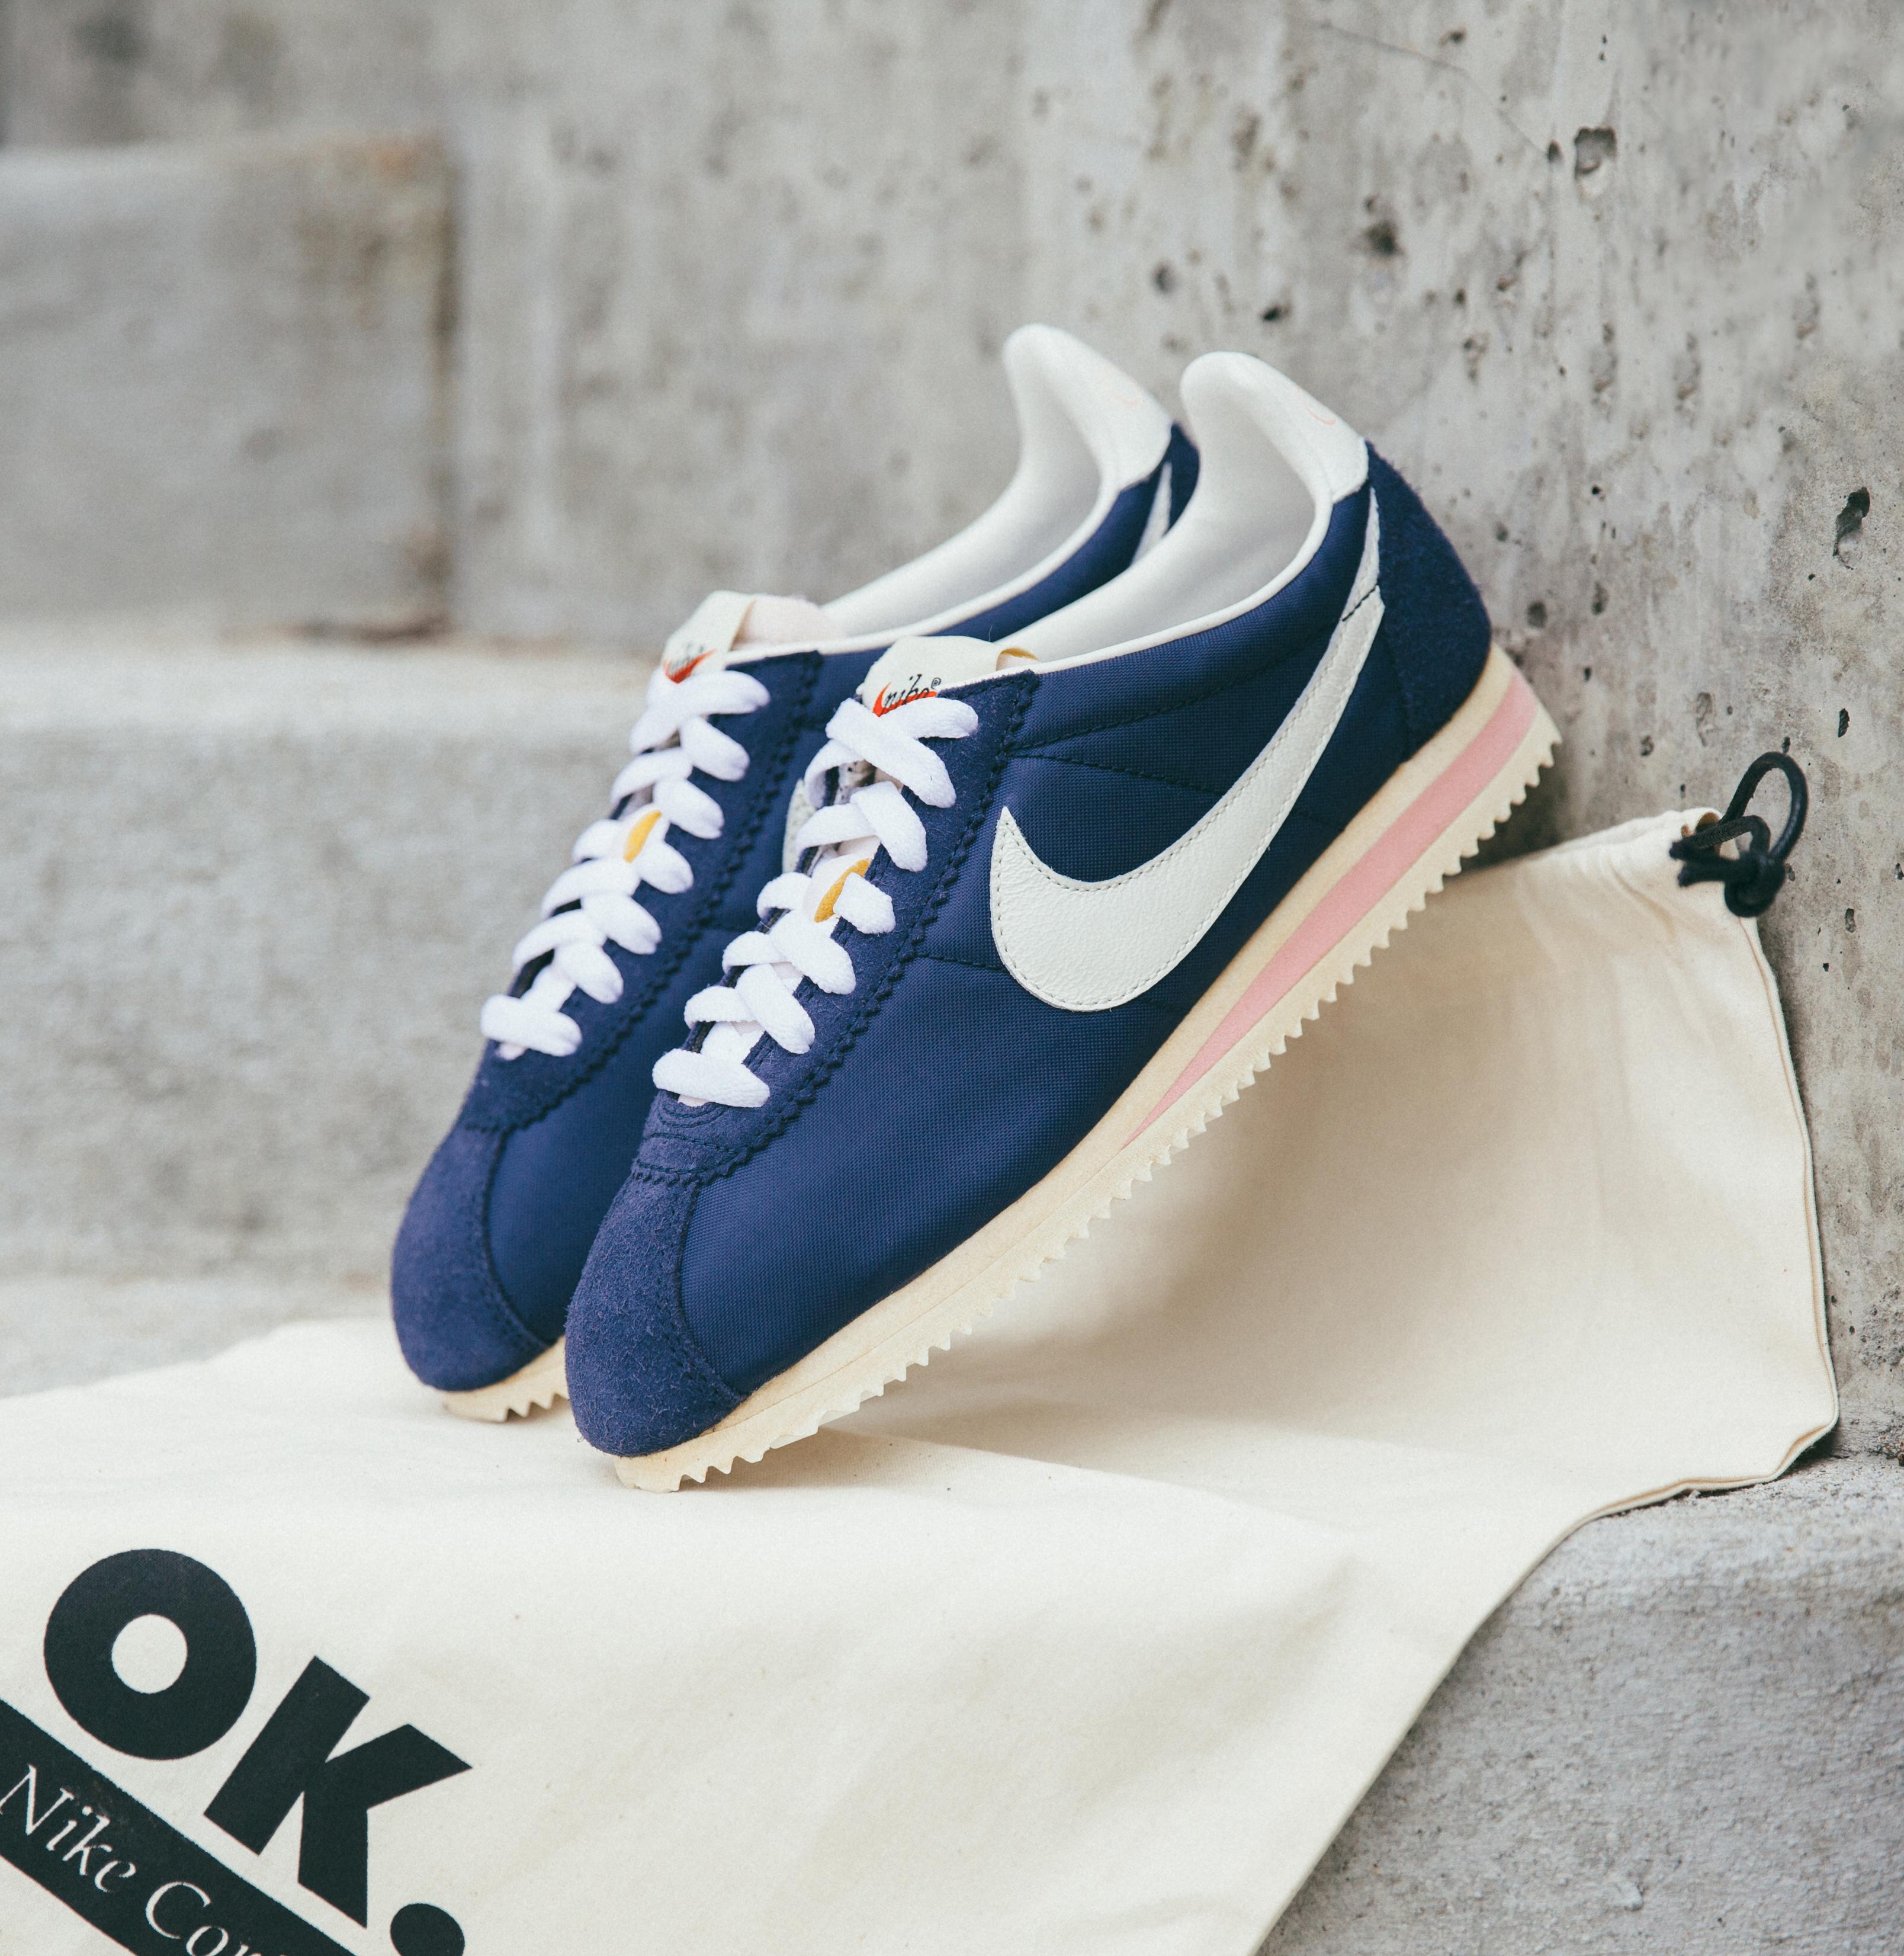 OliviaKim_Product-1 2